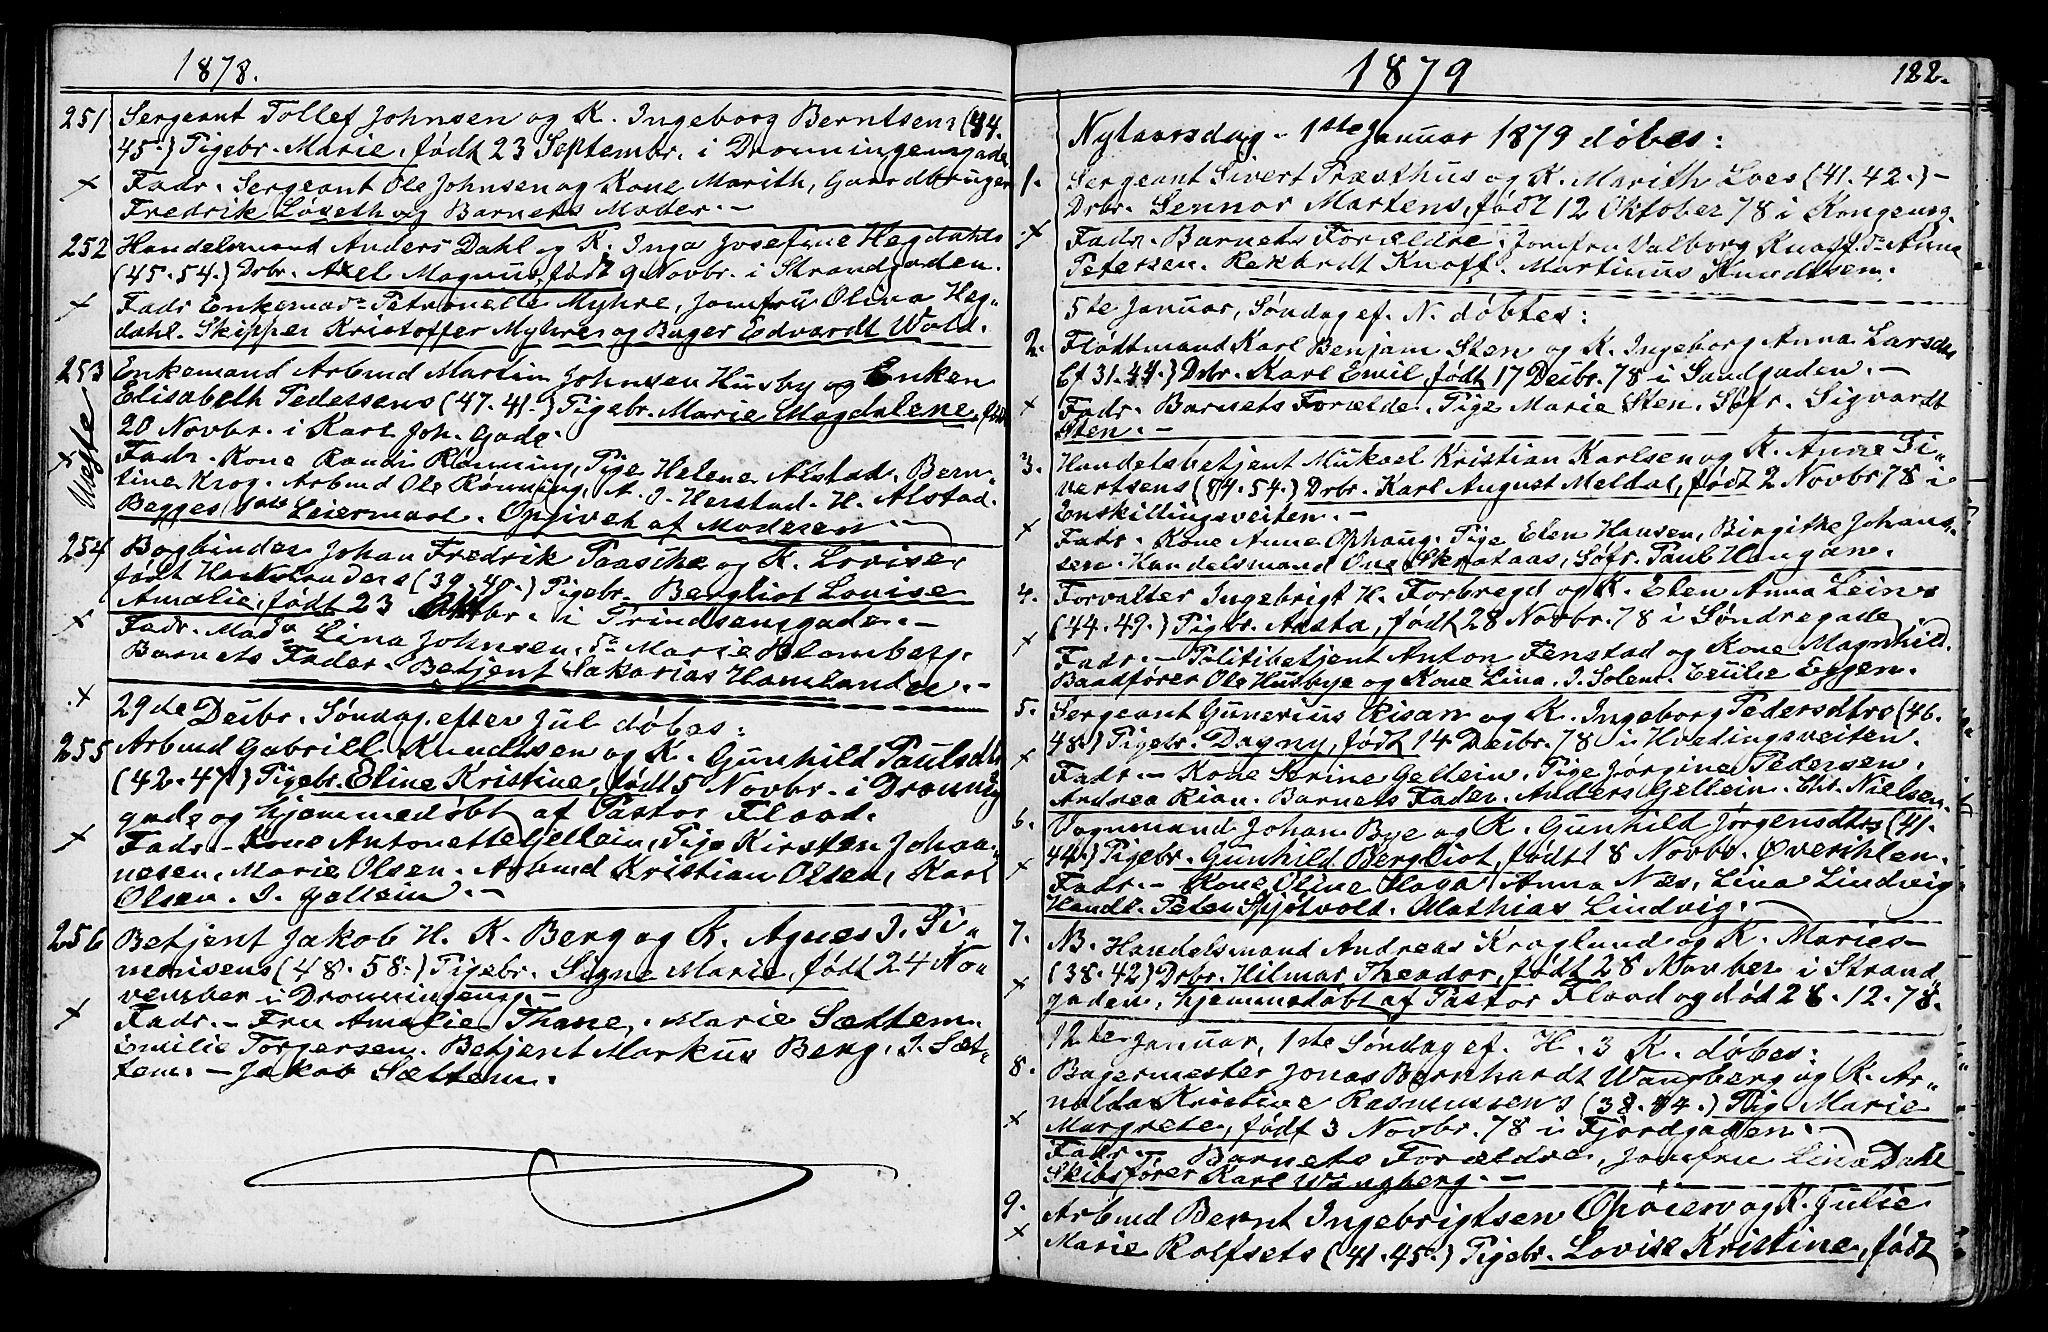 SAT, Ministerialprotokoller, klokkerbøker og fødselsregistre - Sør-Trøndelag, 602/L0142: Klokkerbok nr. 602C10, 1872-1894, s. 122